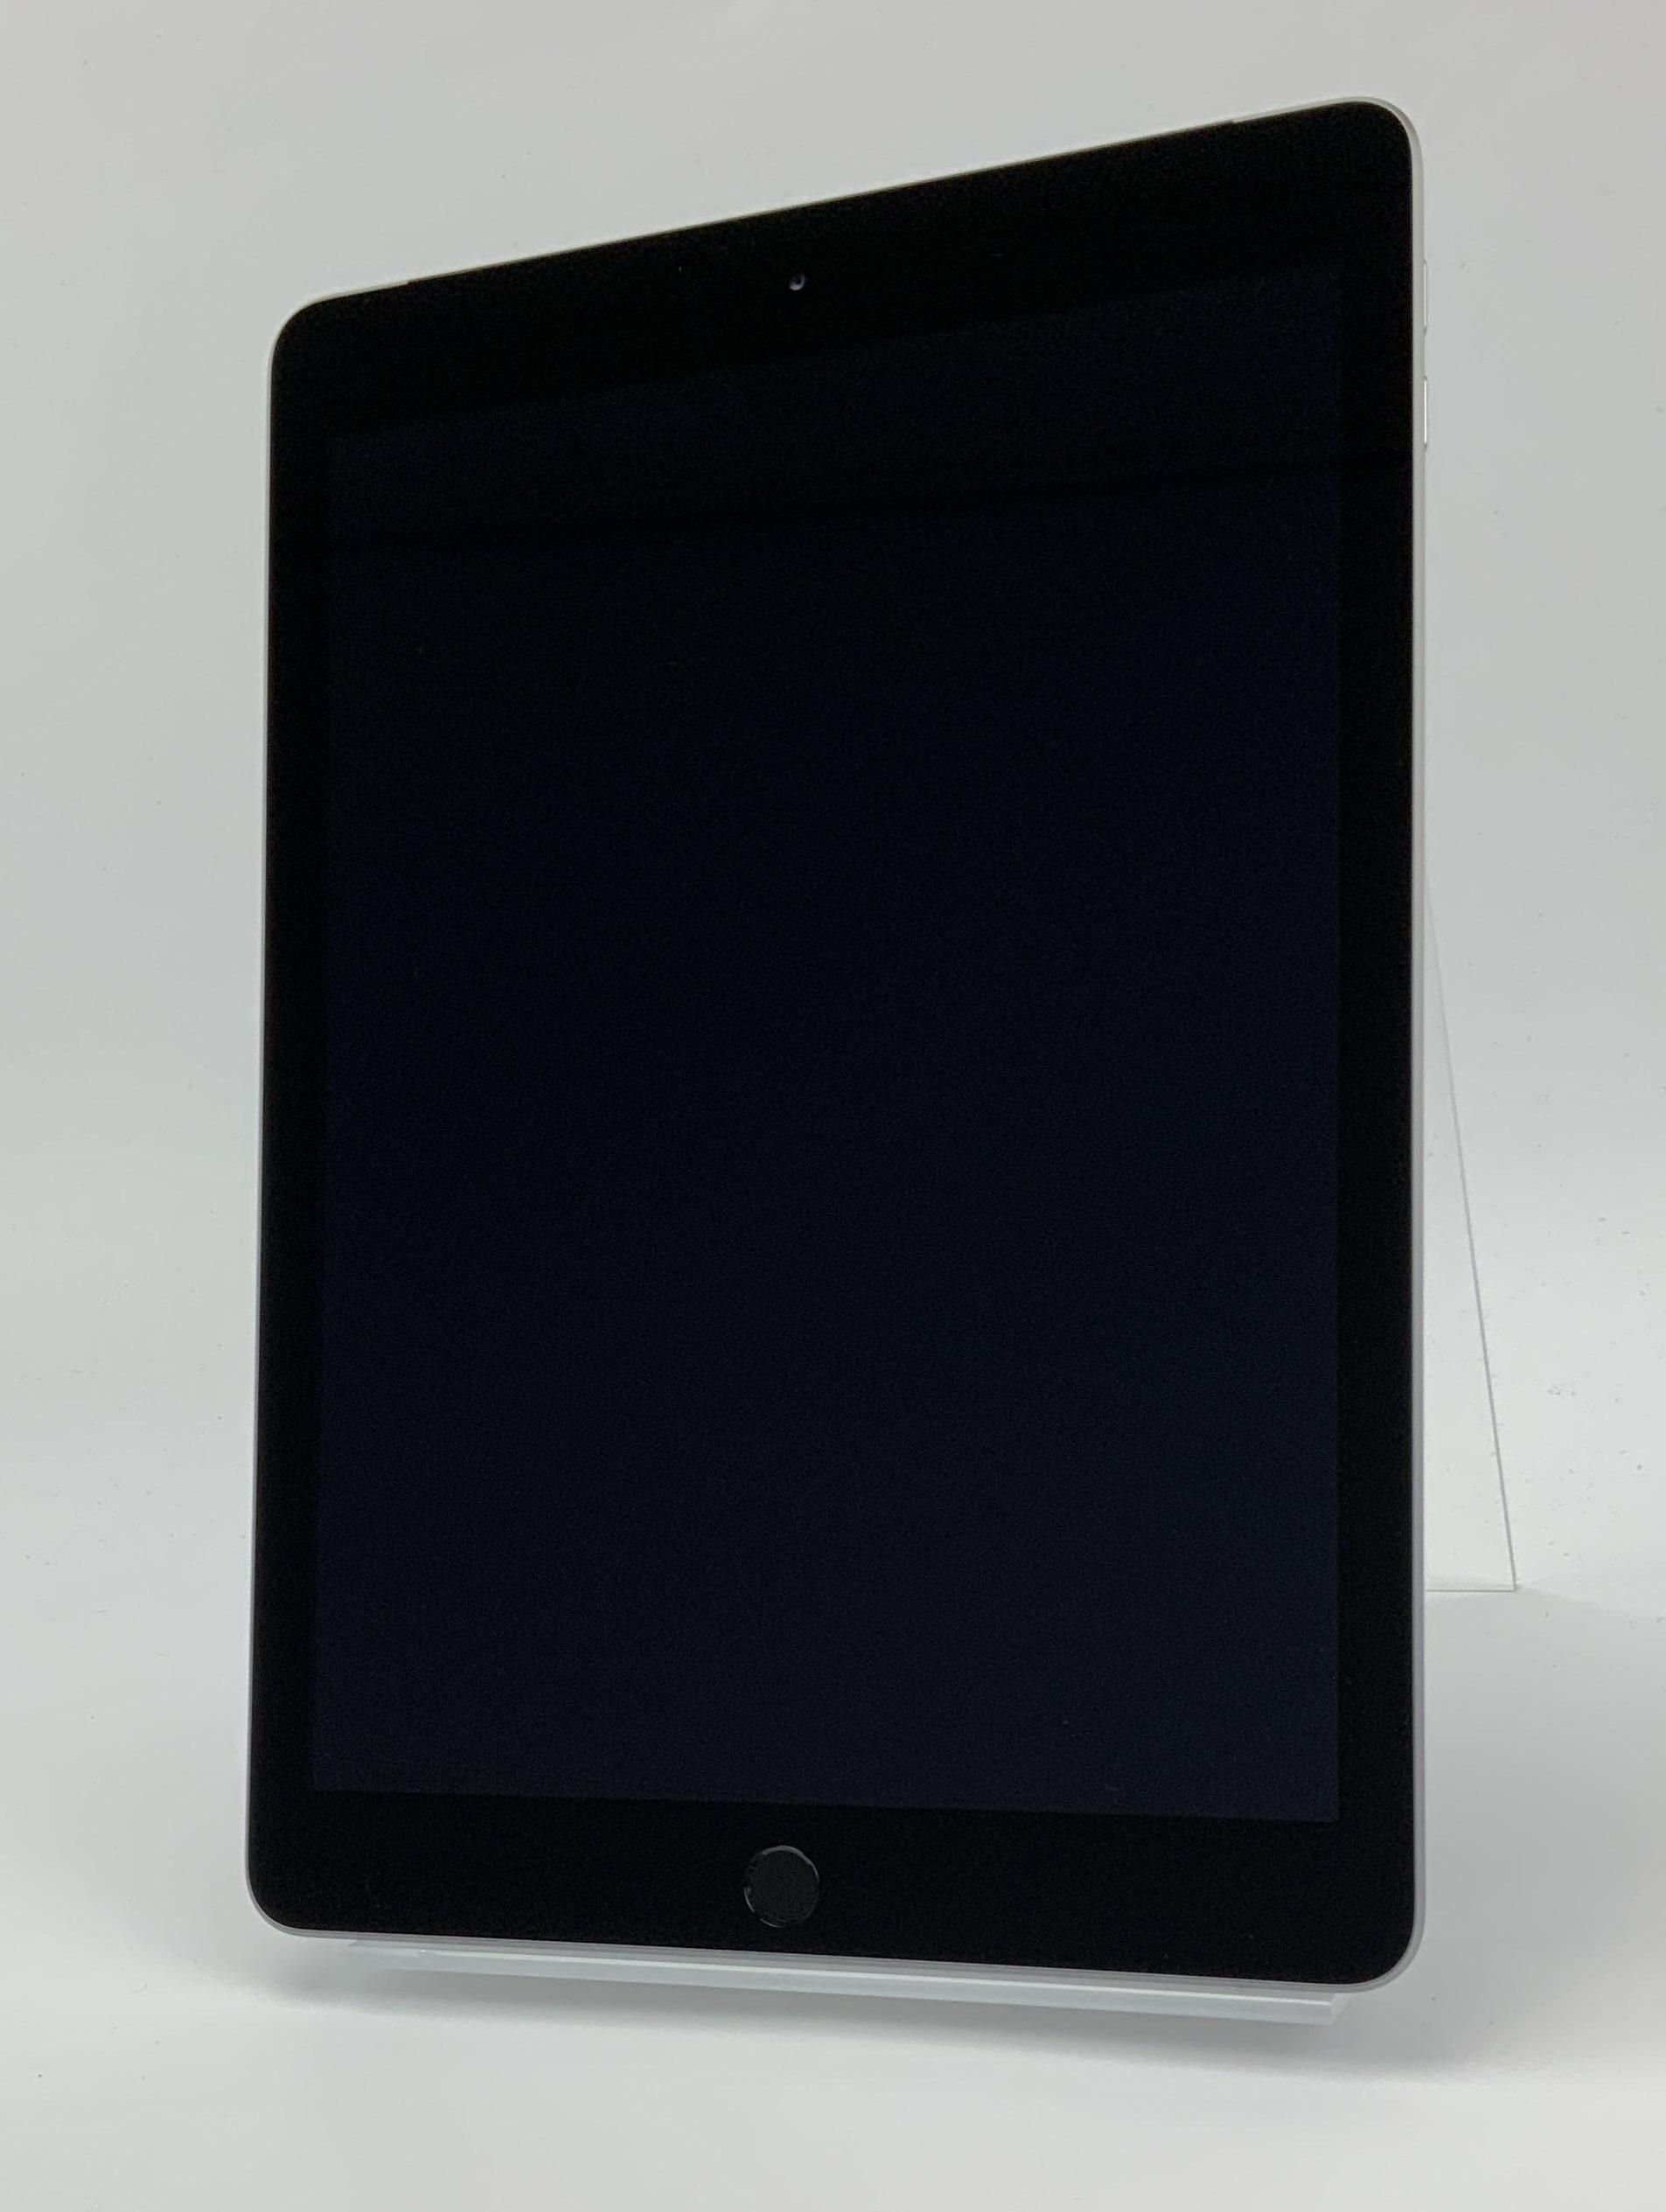 iPad 5 Wi-Fi + Cellular 32GB, 32GB, Space Gray, Afbeelding 1